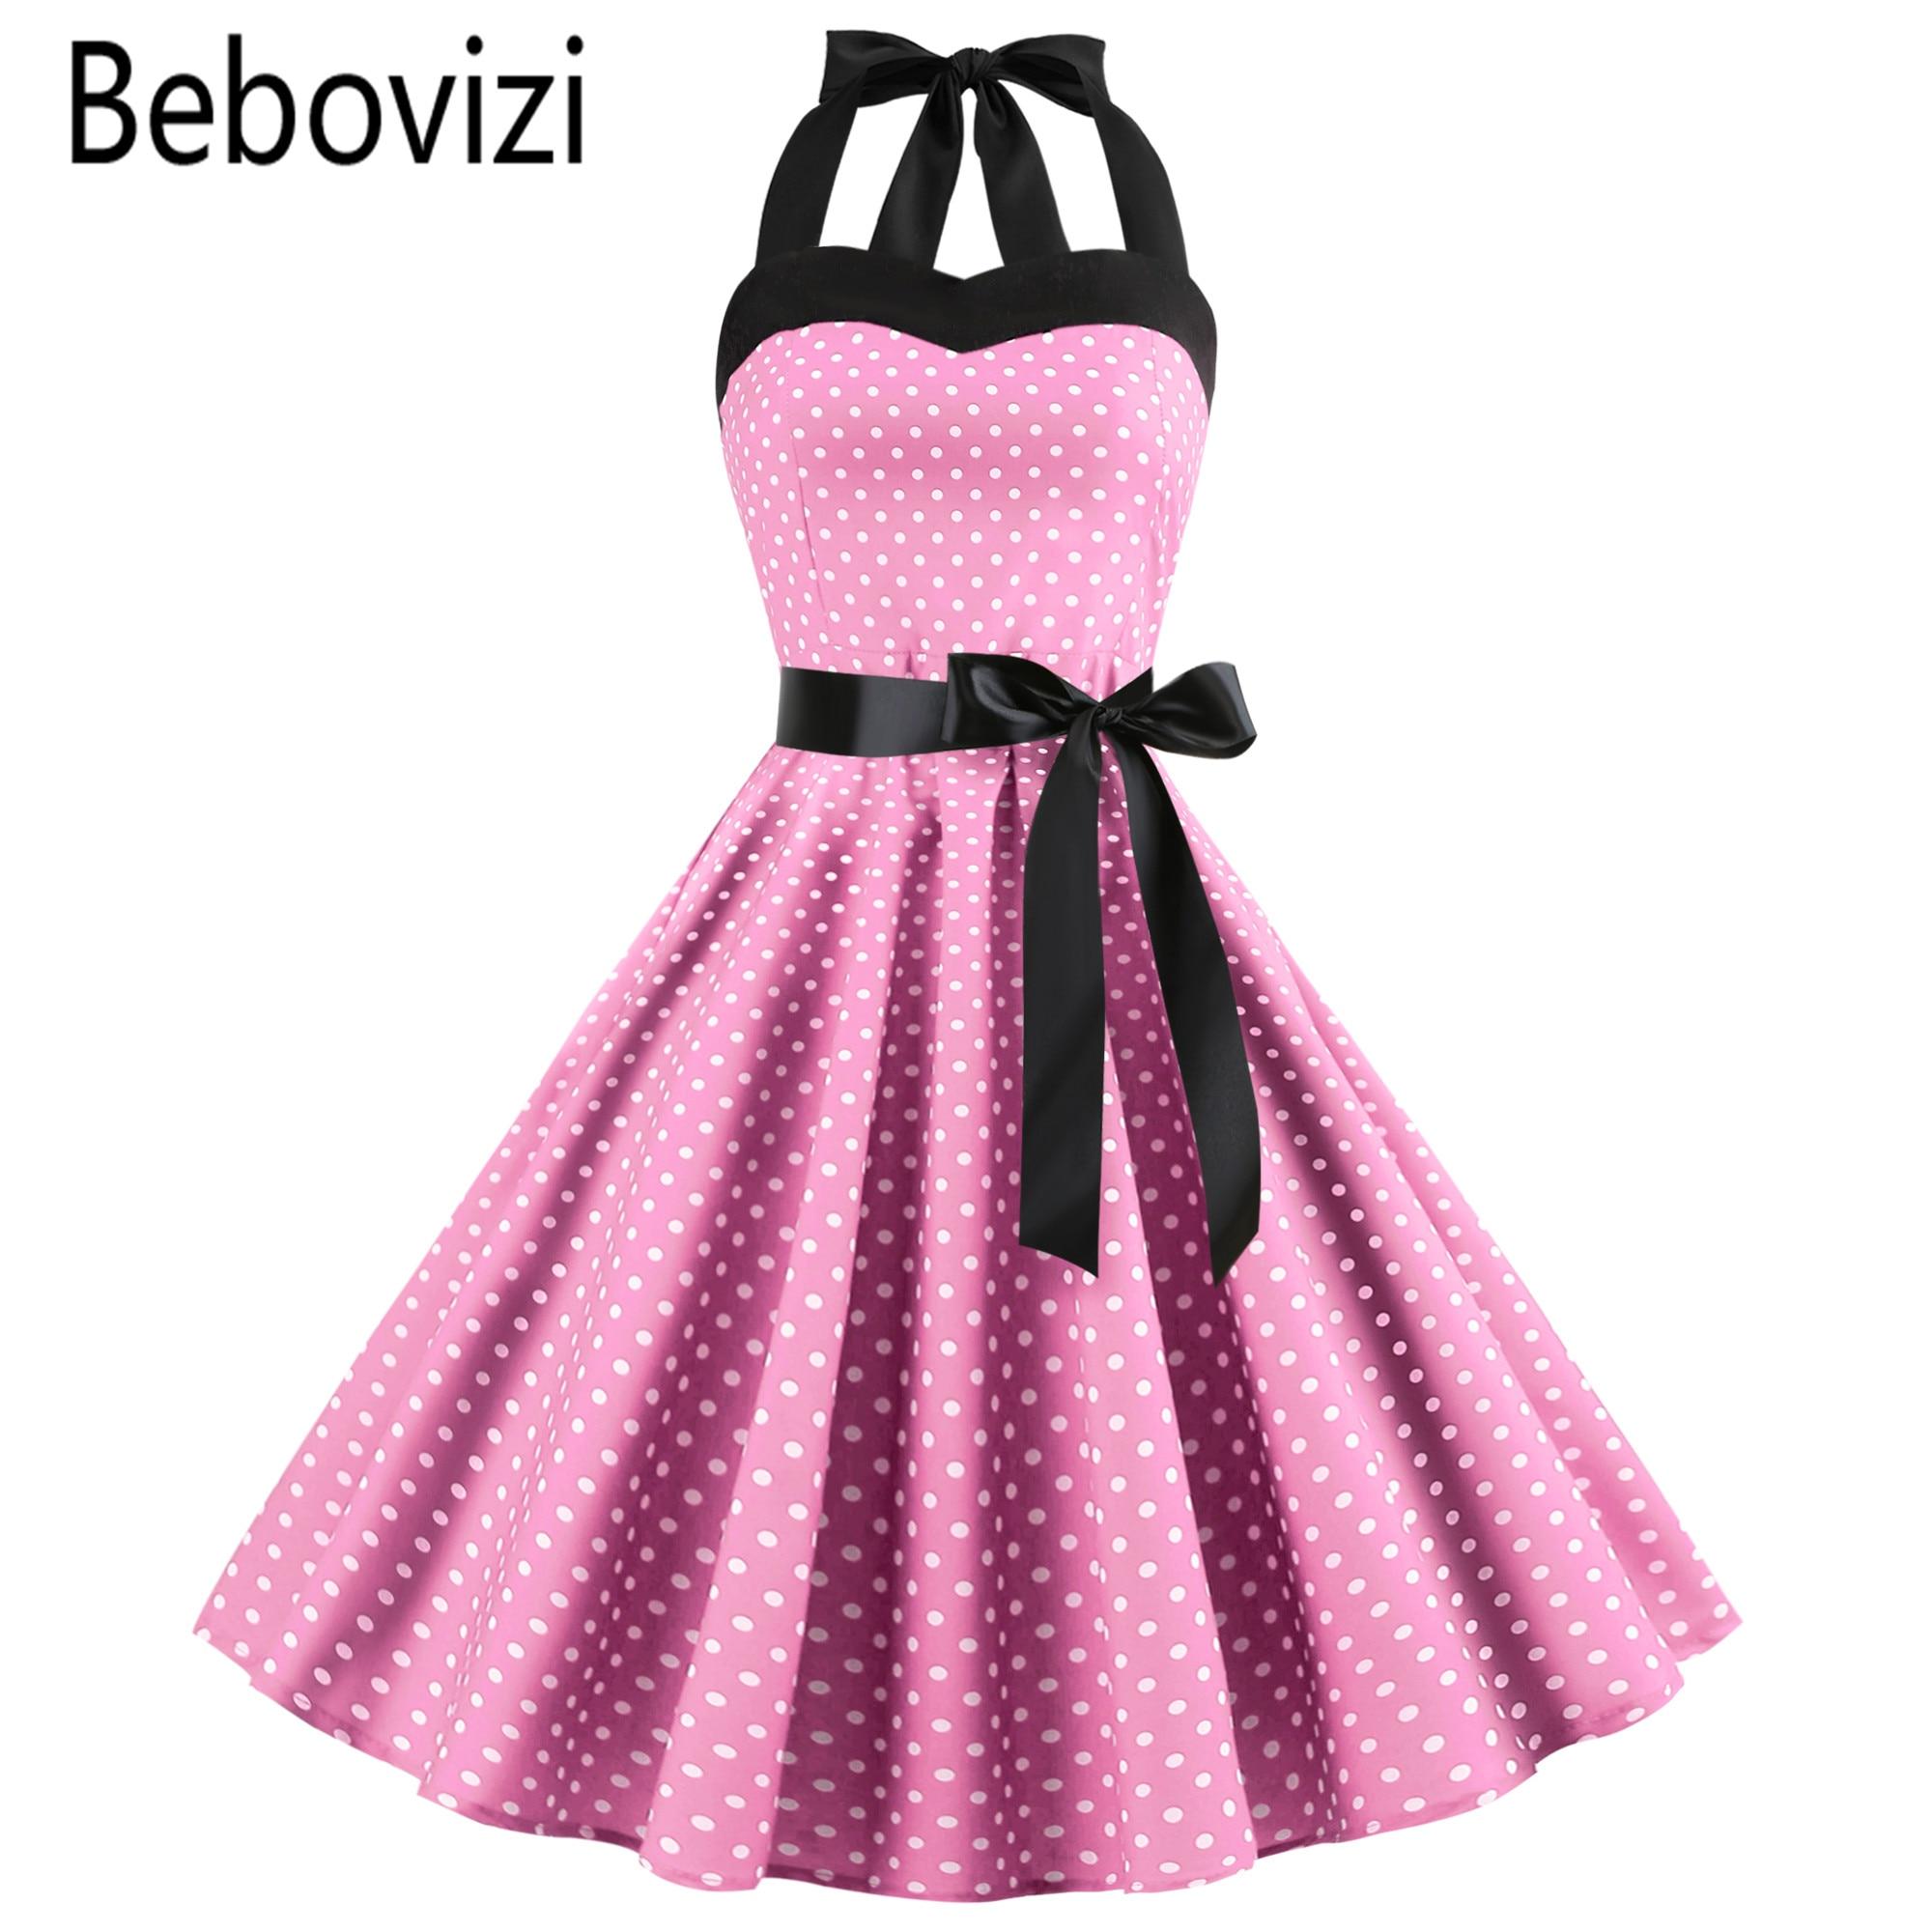 72fcf9d7011 Новый 2019 розовый миди платье ретро горошек Хепберн Винтаж 50 s 60 s  Холтер Вечерние Pin Up рокабилли es халат плюс Размеры